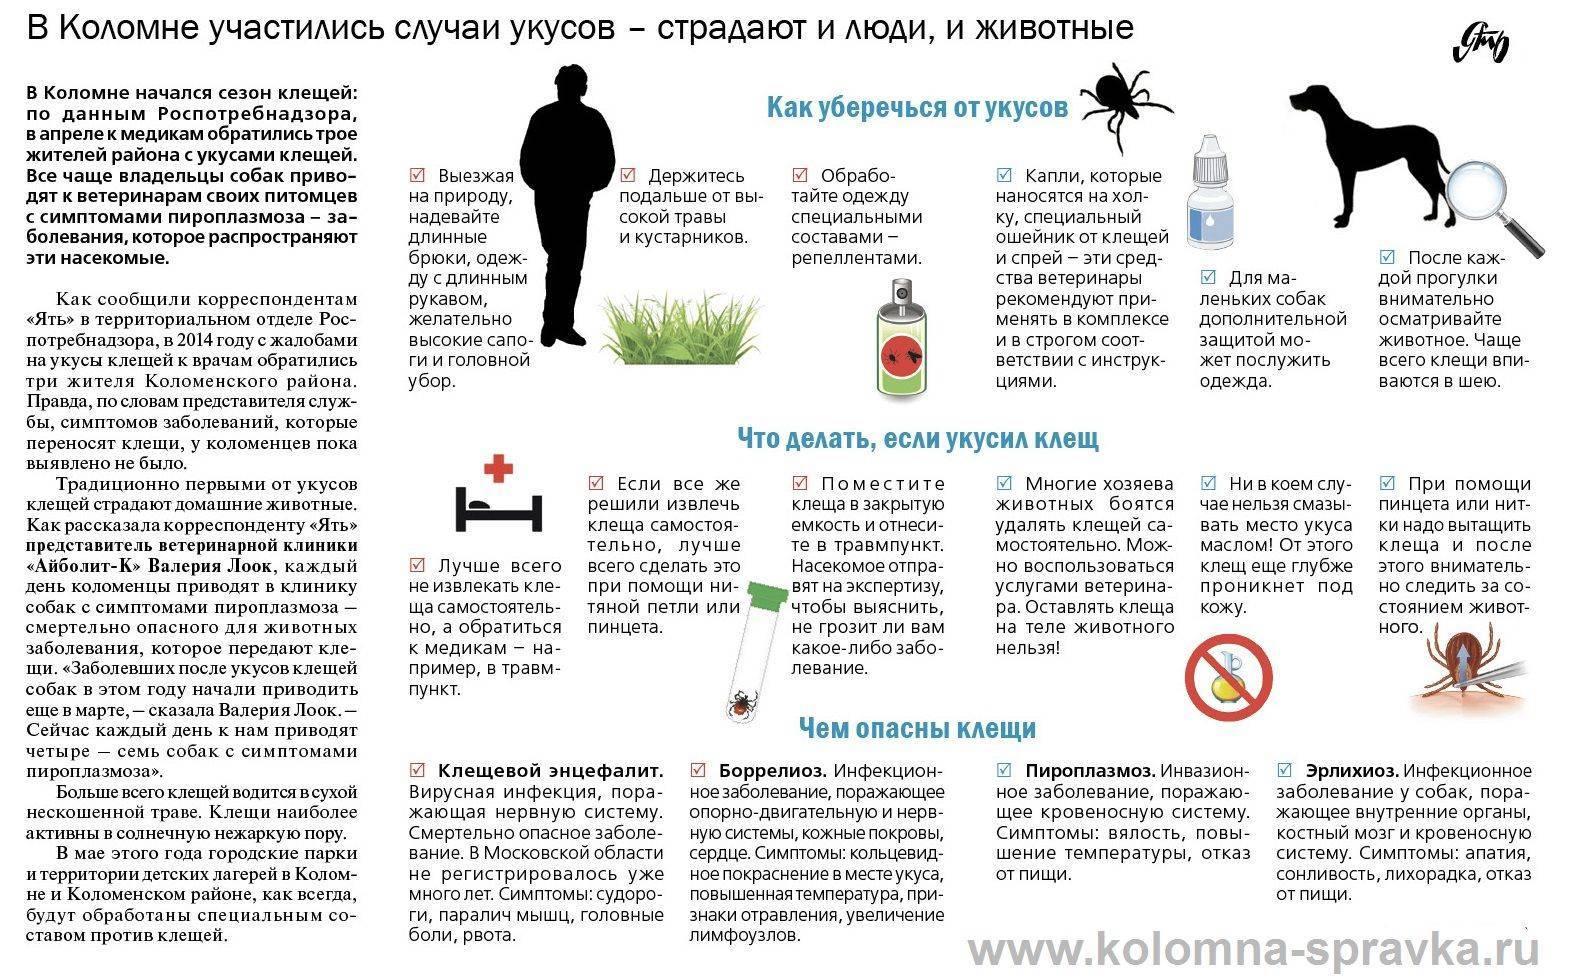 Укус насекомого код по мкб 10 - симптомы и лечение болезней